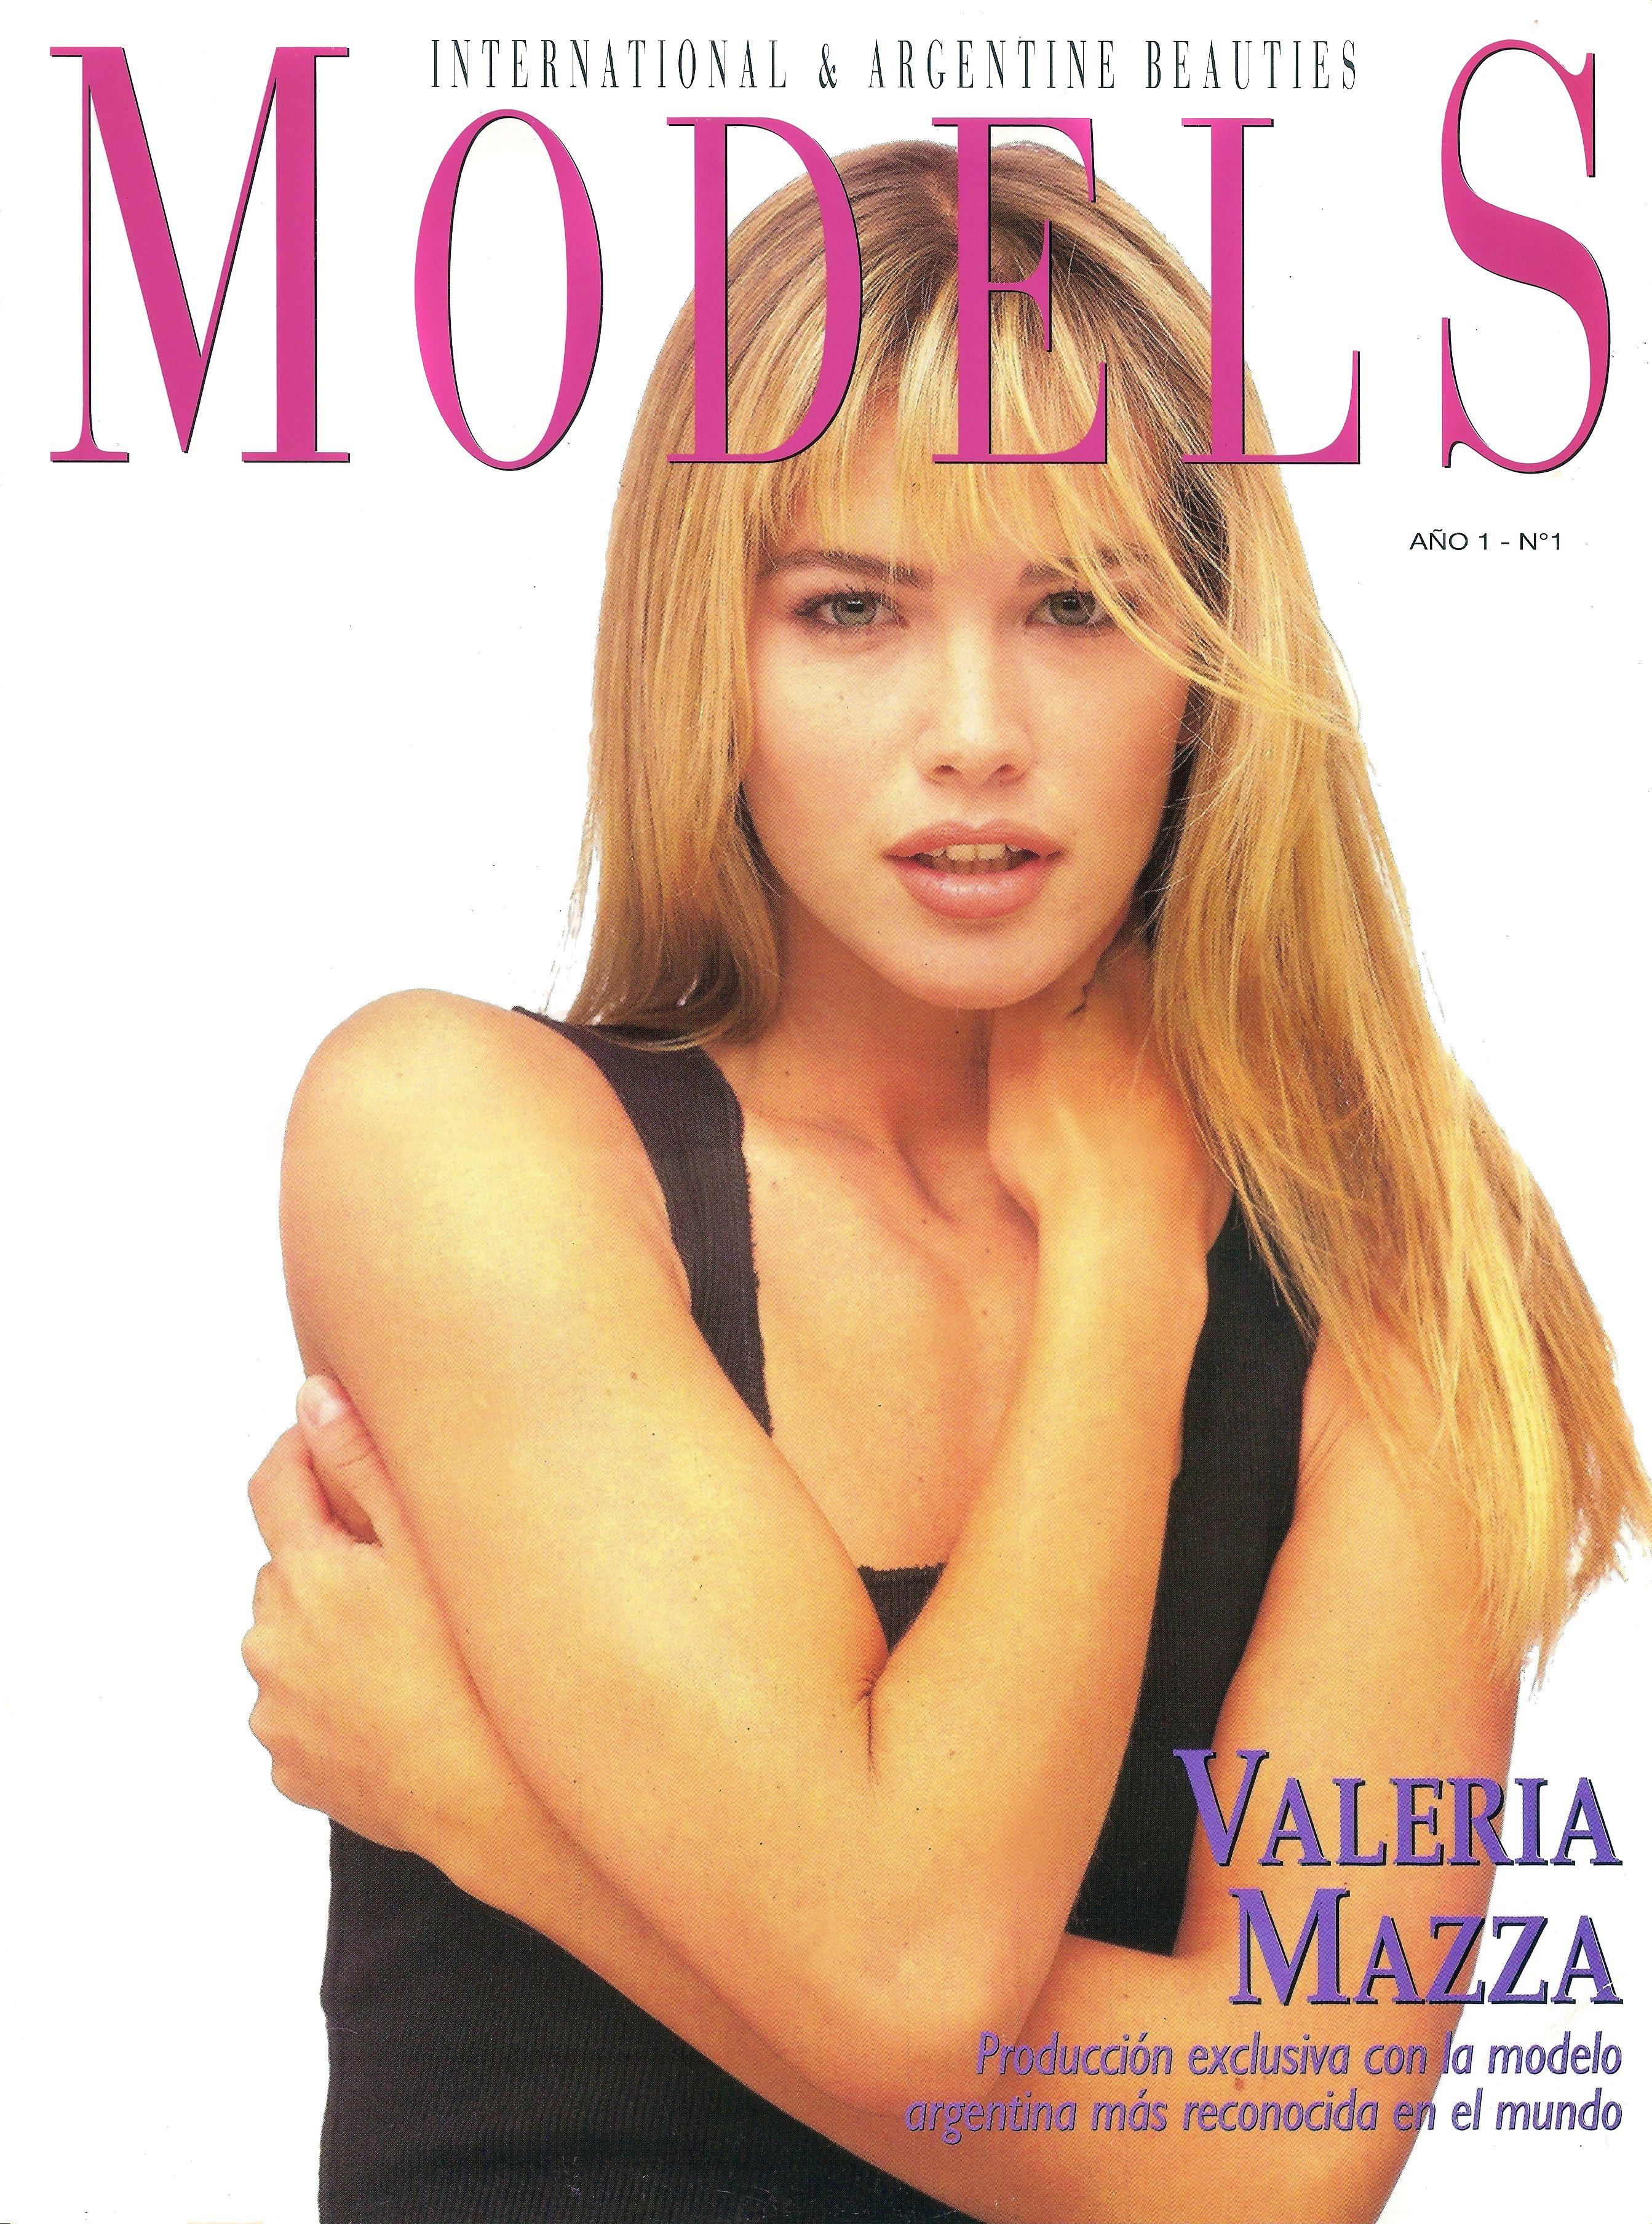 Valeria Mazza ARG 1 1998 Valeria Mazza ARG 1 1998 new pictures